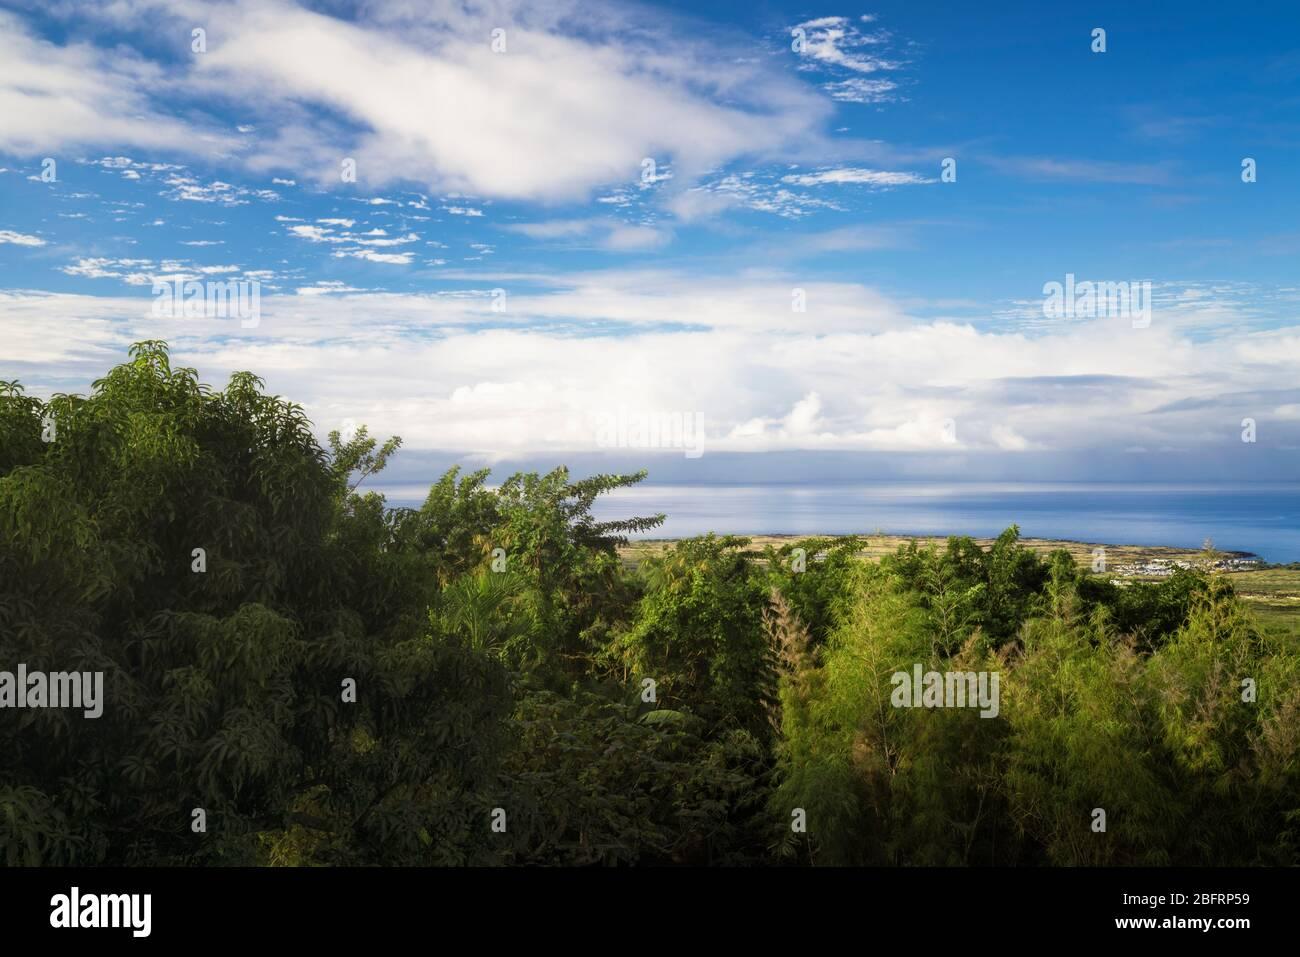 Cette vue imprenable sur l'océan Pacifique et le port d'Honokohau, en contrebas des hautes terres de Kona sur la Grande île d'Hawaï. Banque D'Images